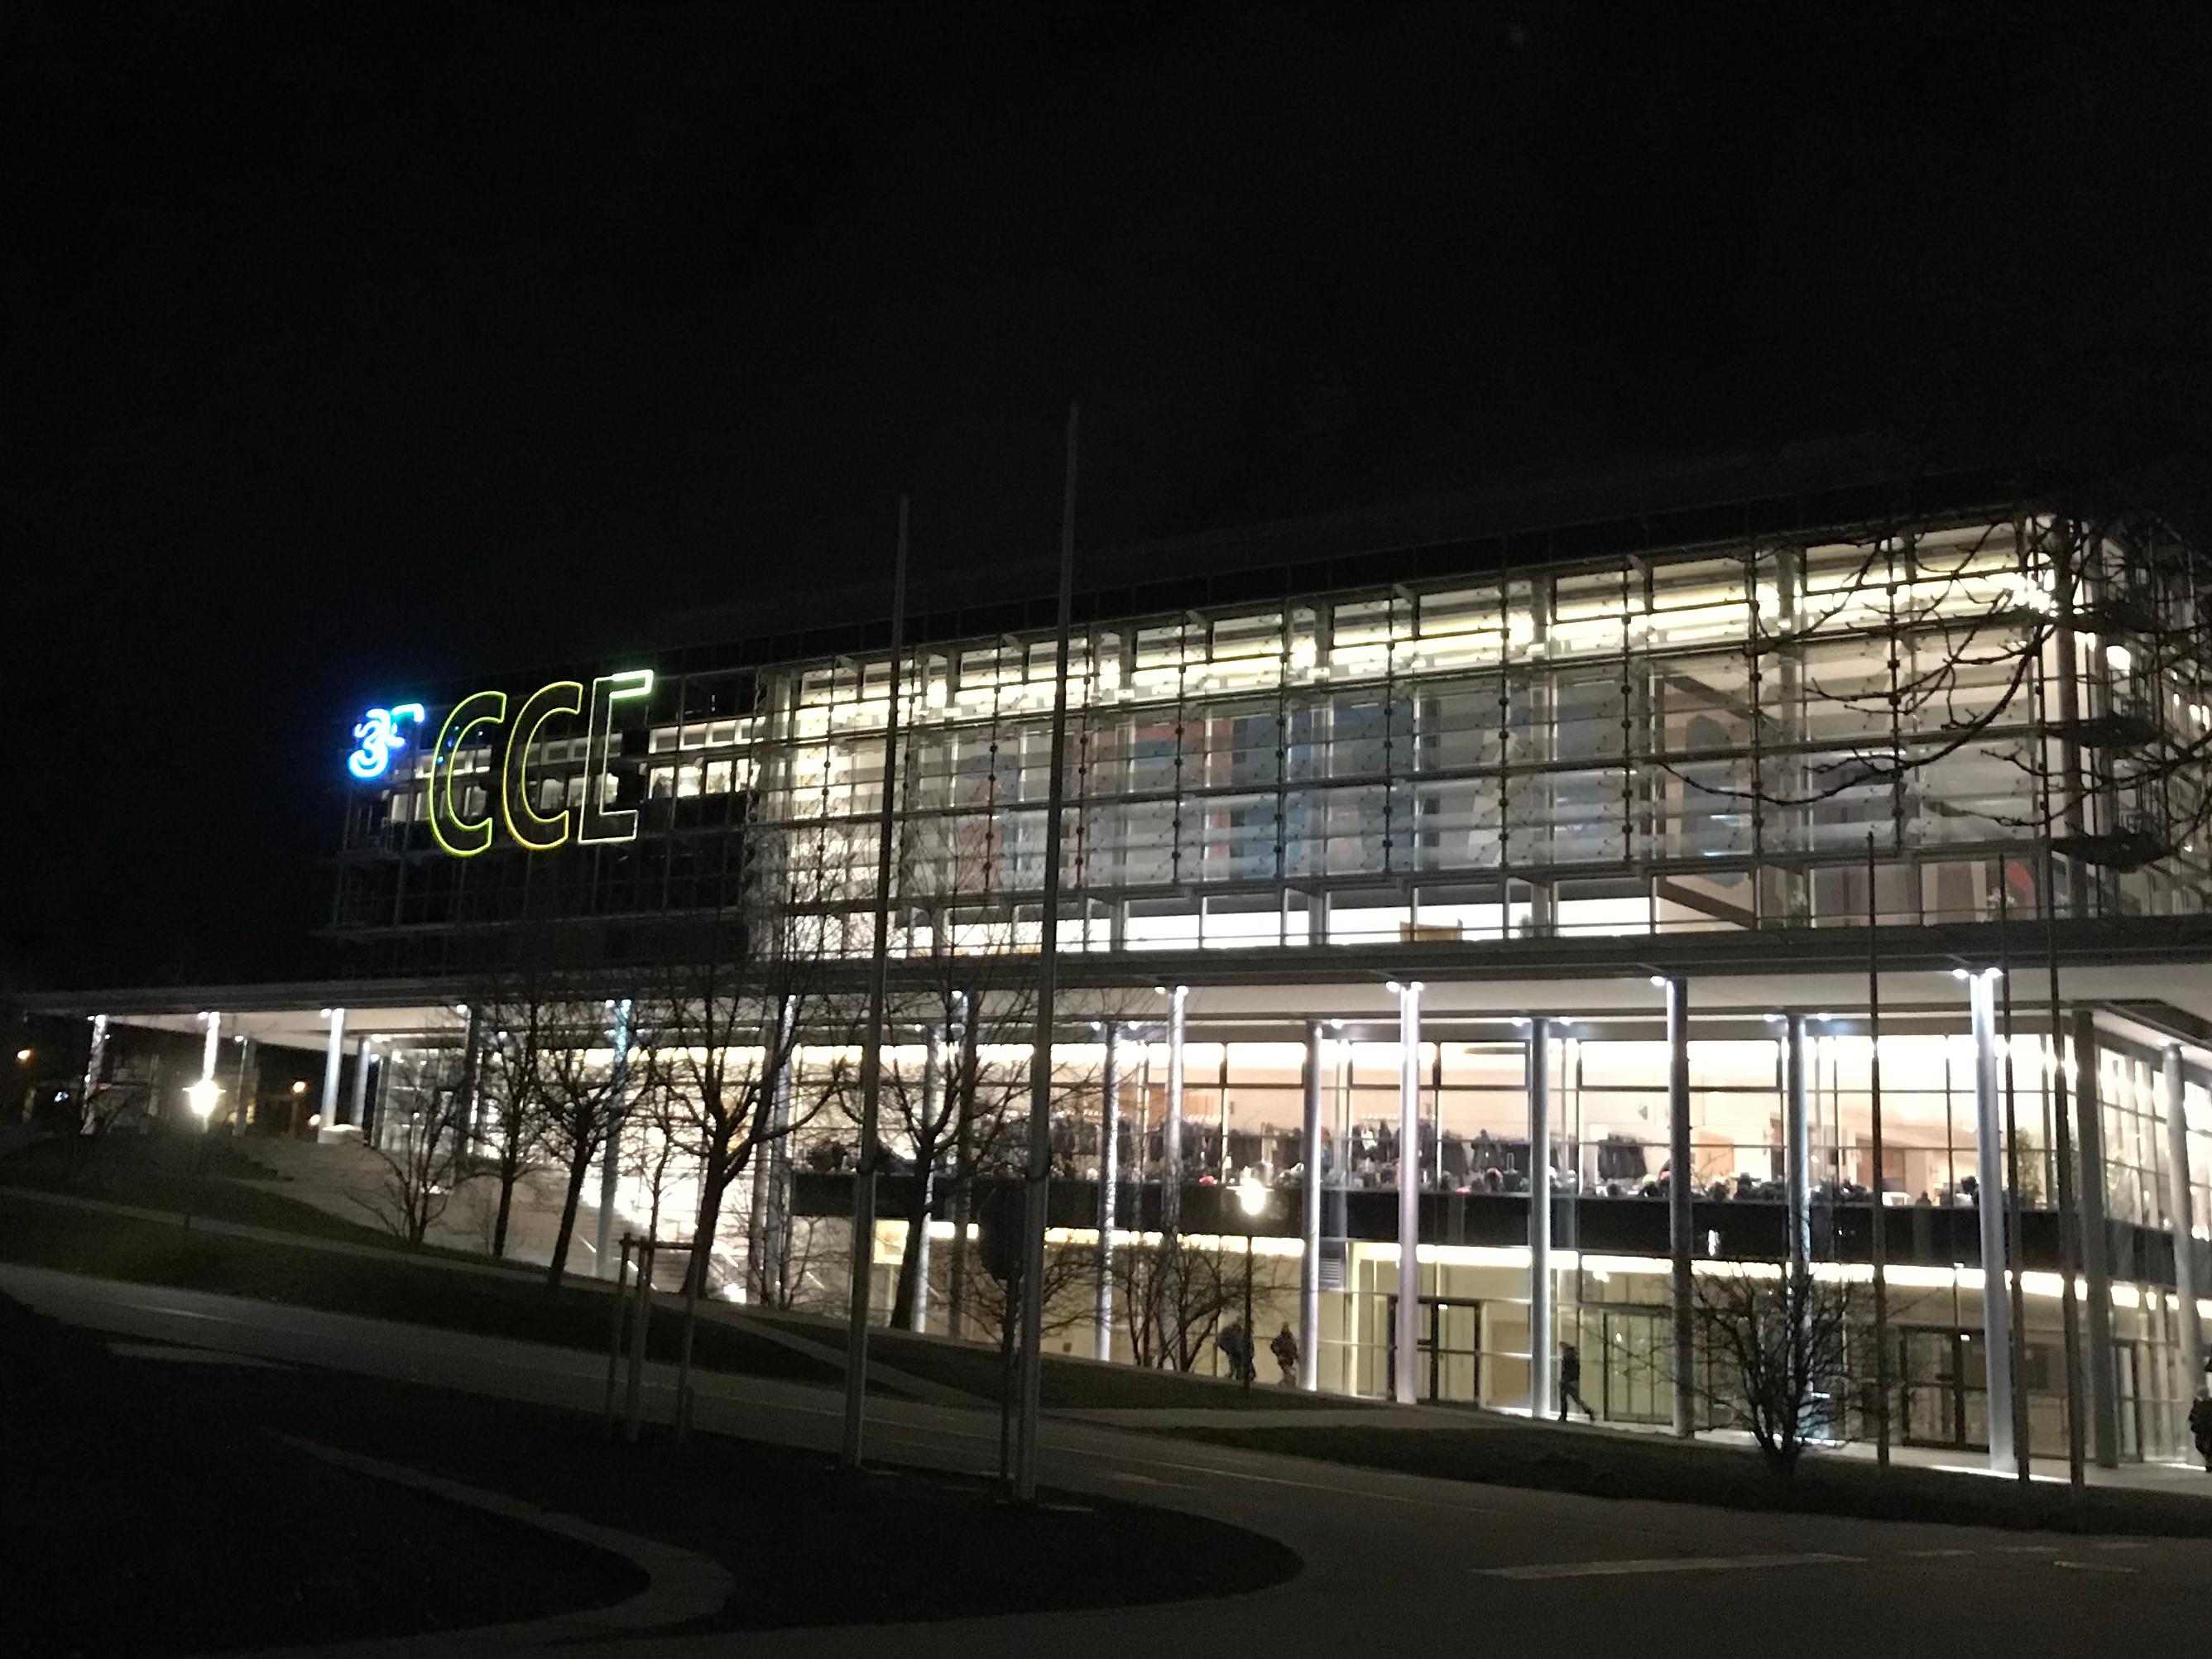 """Nächtlicher Blick auf einen Teil des Kongressgebäudes, bei dem die dort angebrachten Leuchtbuchstaben """"CCL"""" zu """"CCC"""" geändert wurden."""